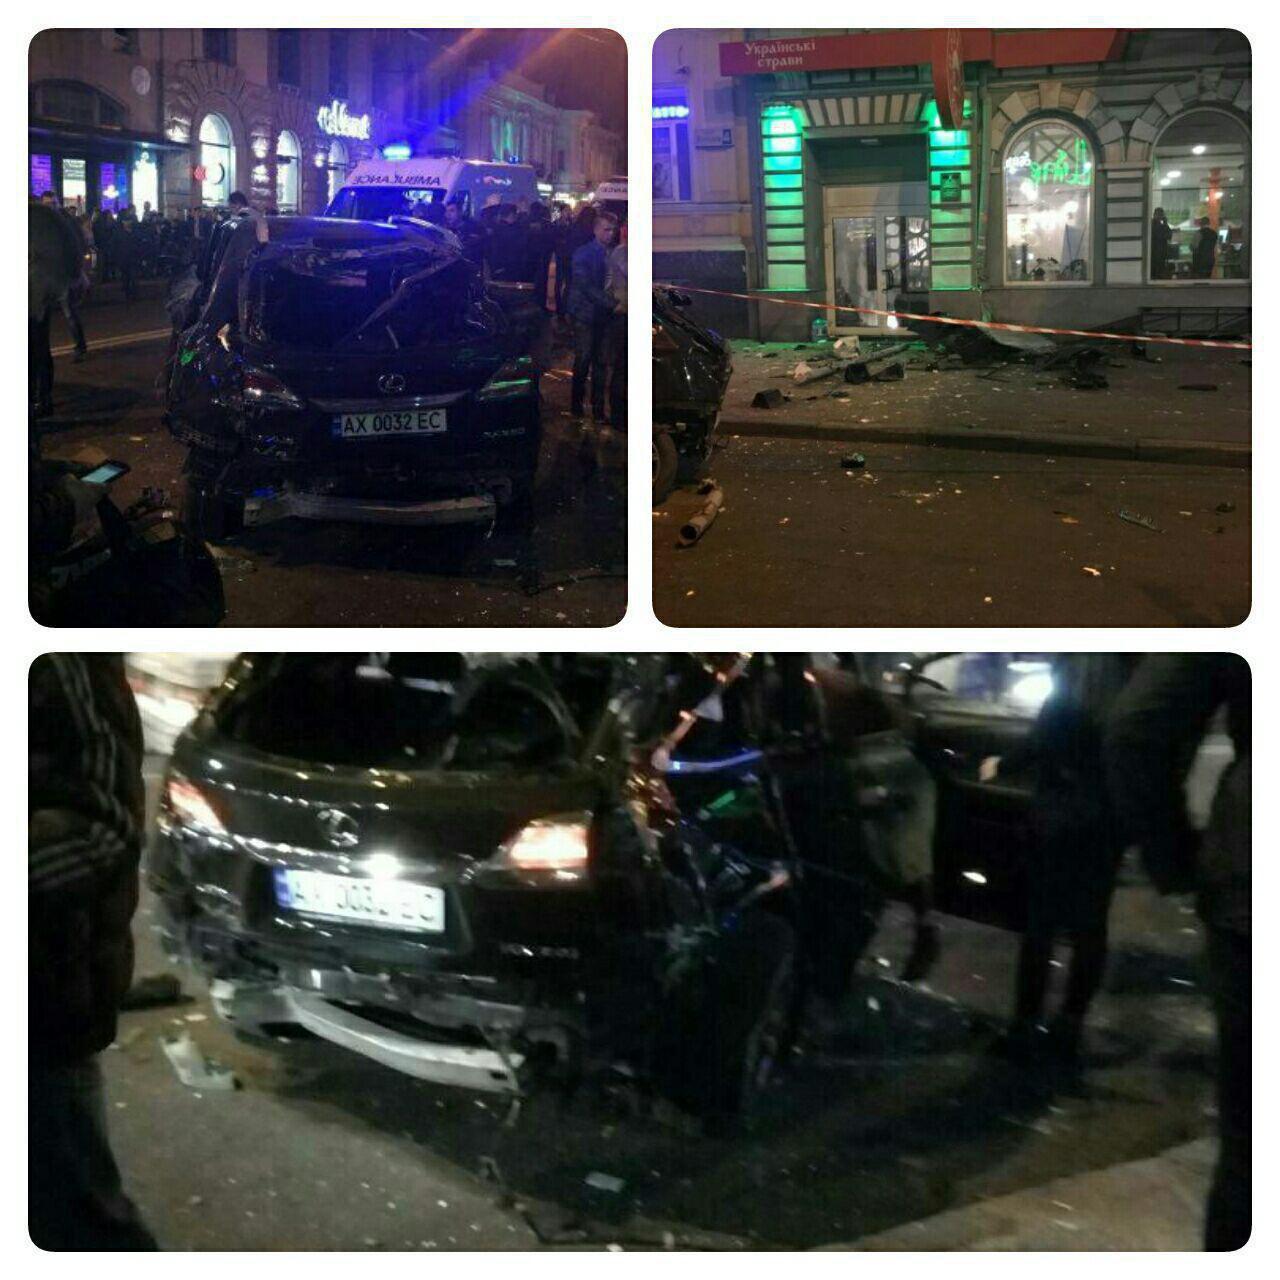 برخورد خودرو با مردم در اوکراین/ 5 کشته و 6 زخمی (+عکس)